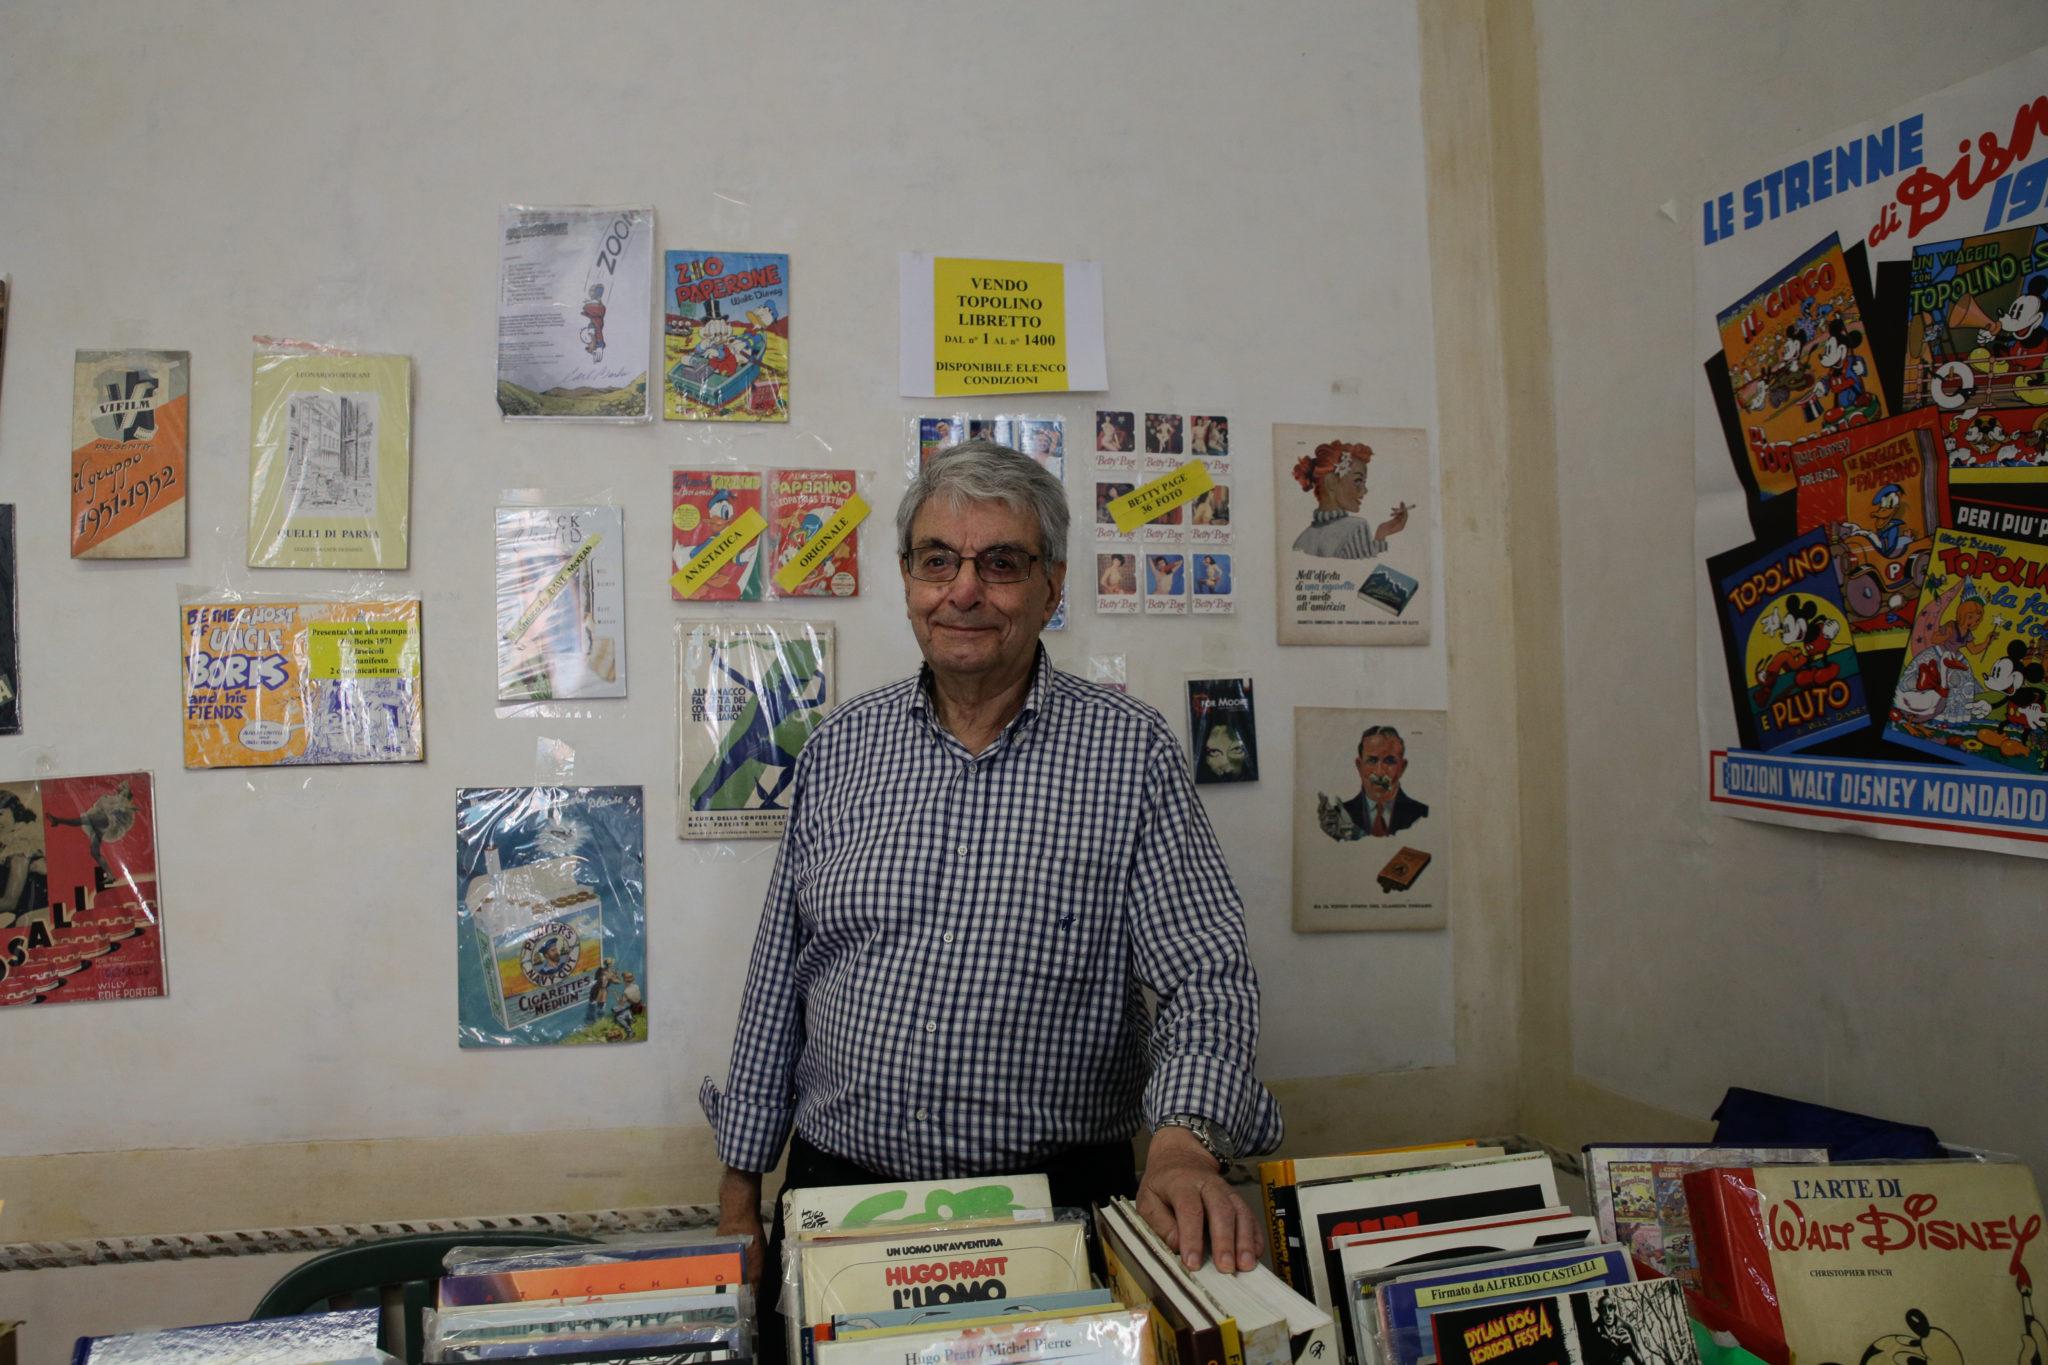 Siamo stati al Treviso Comic Book Festival 2019, il Festival Internazionale di Fumetto e di Illustrazione. Il nostro reportage fra illustratori e visitatori